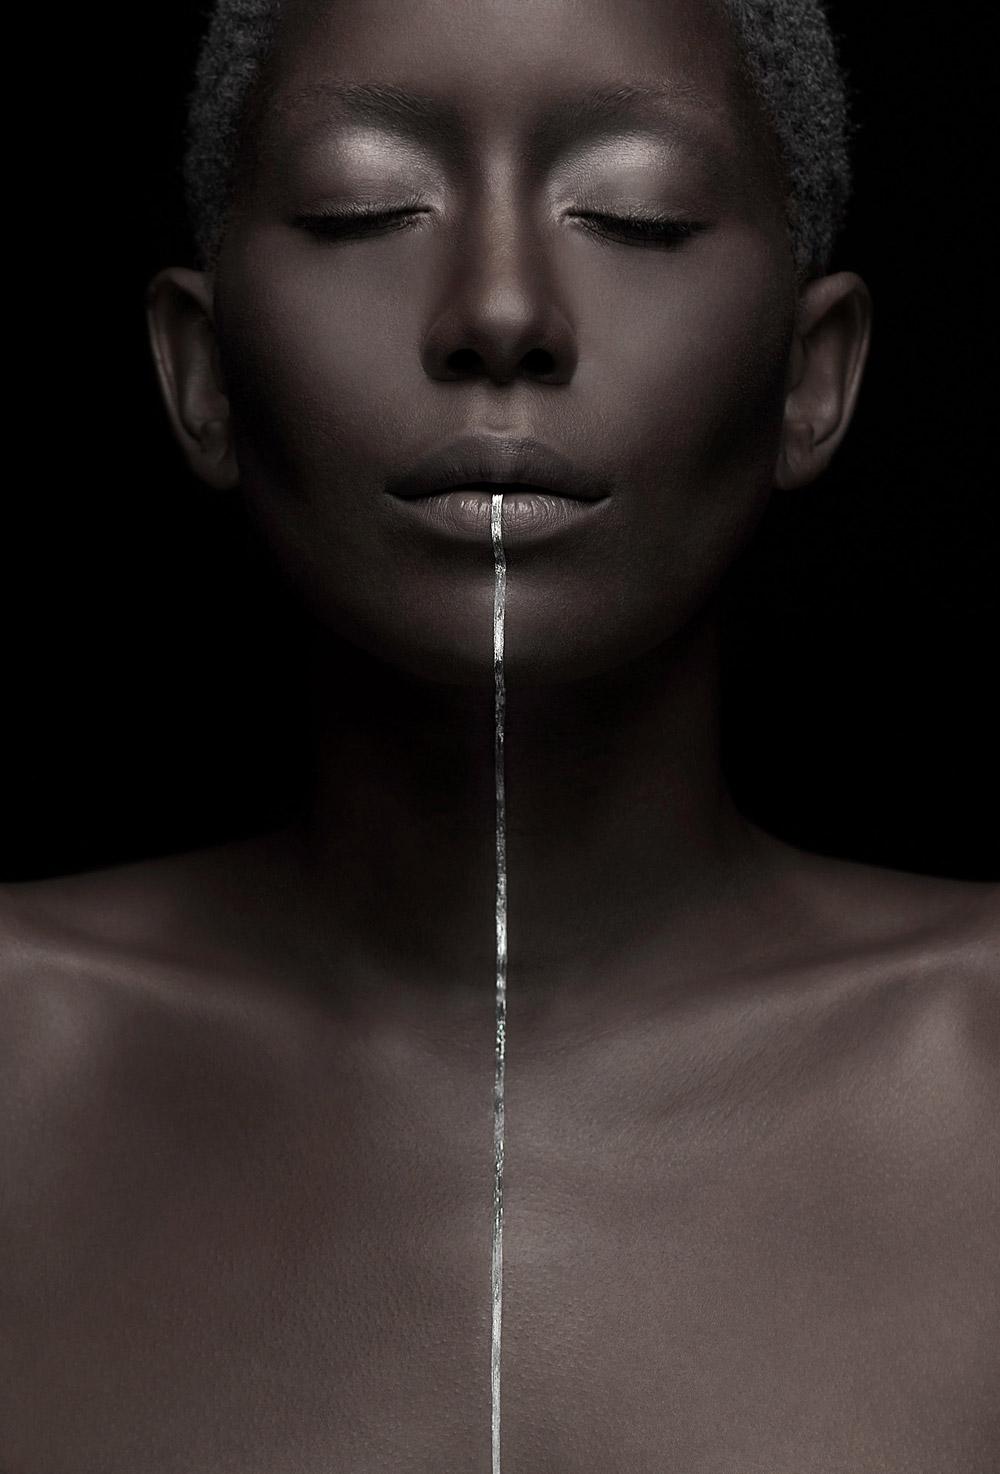 «Безмолвные ключи», © Дженнифер Палеш / Jennifer Palesch, Монреаль, Канада, Гран-при категории «Мода и портрет», Конкурс студенческой фотографии